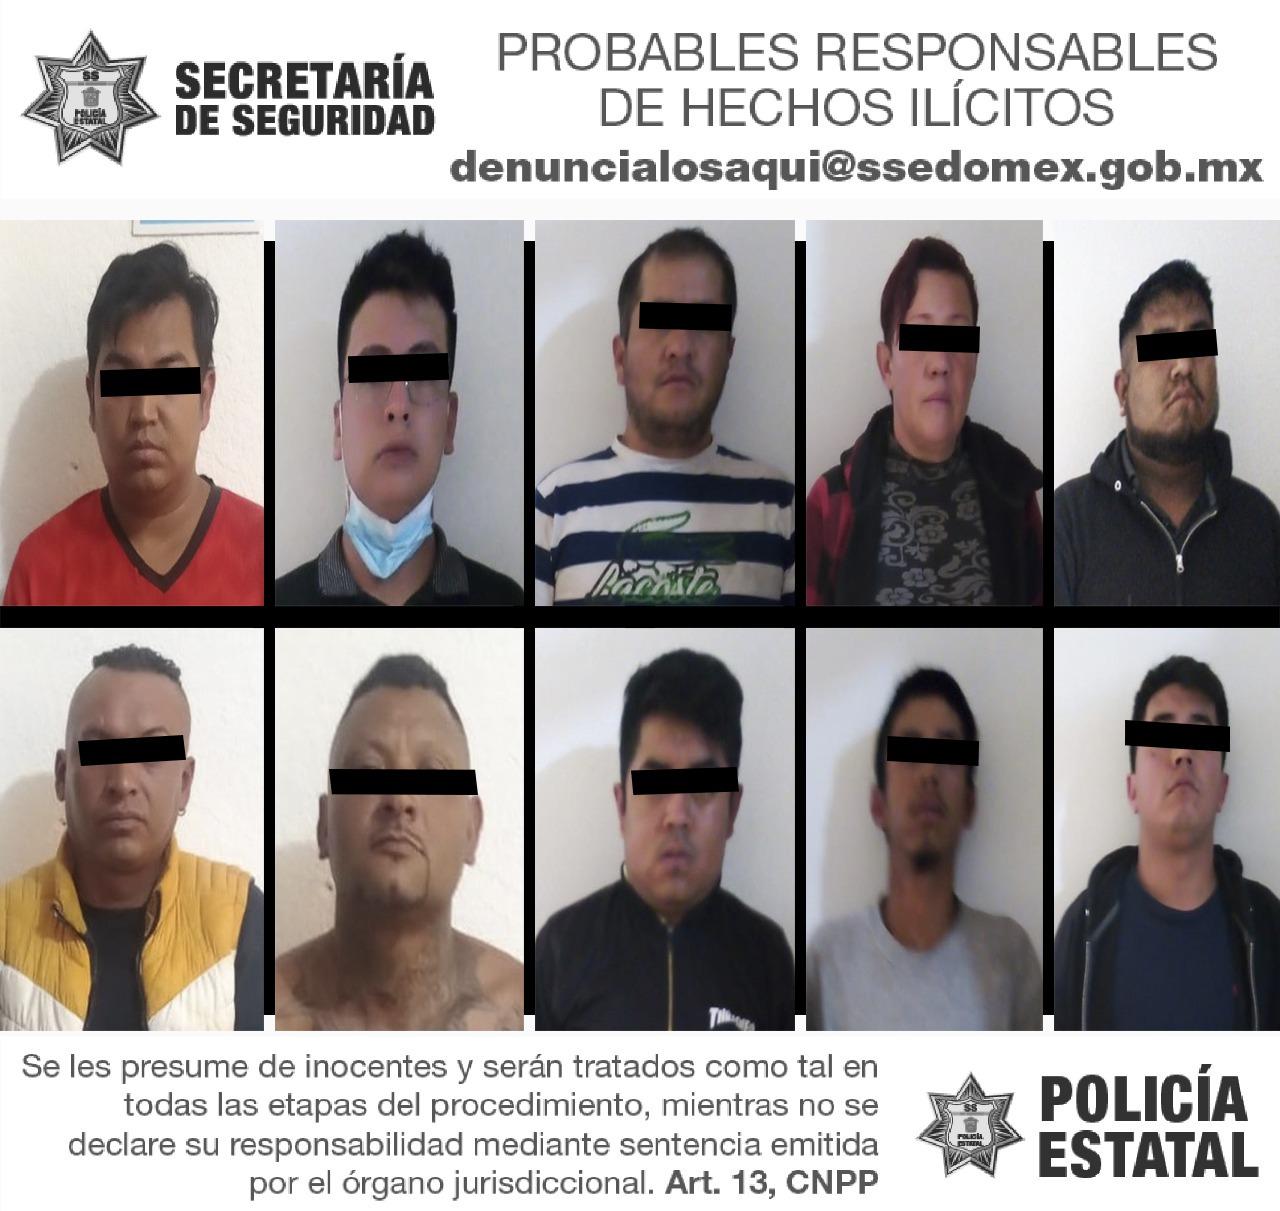 DETIENEN A 10 POSIBLES RESPONSABLES DE COMETER DISTURBIOS DURANTE EL SUFRAGIO